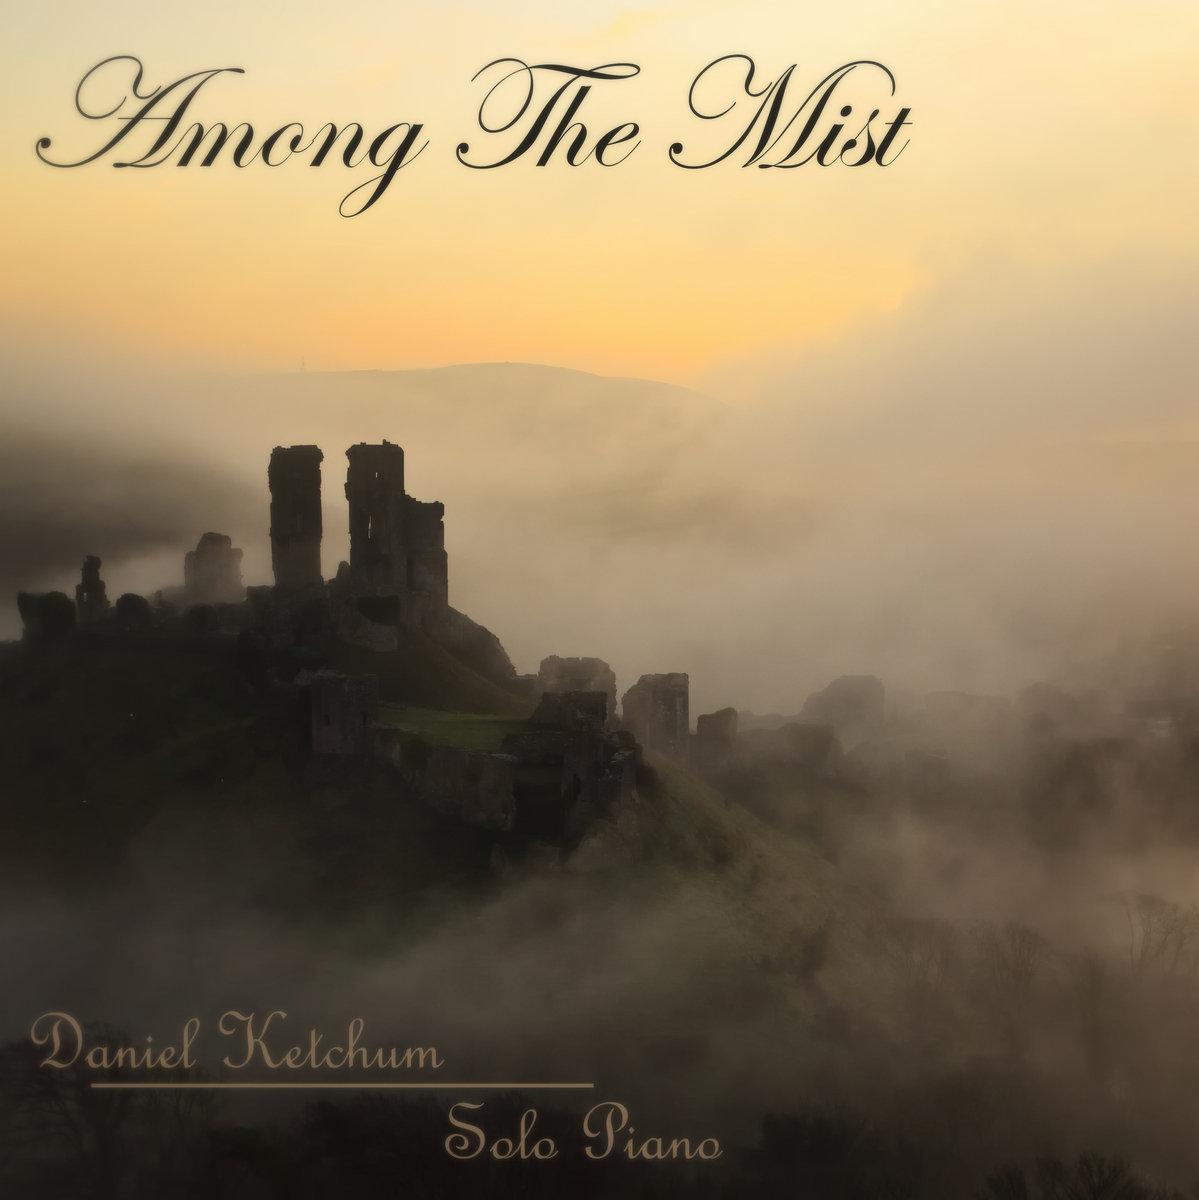 دانلود قطعه موسیقی Among the Mist توسط Daniel Ketchum